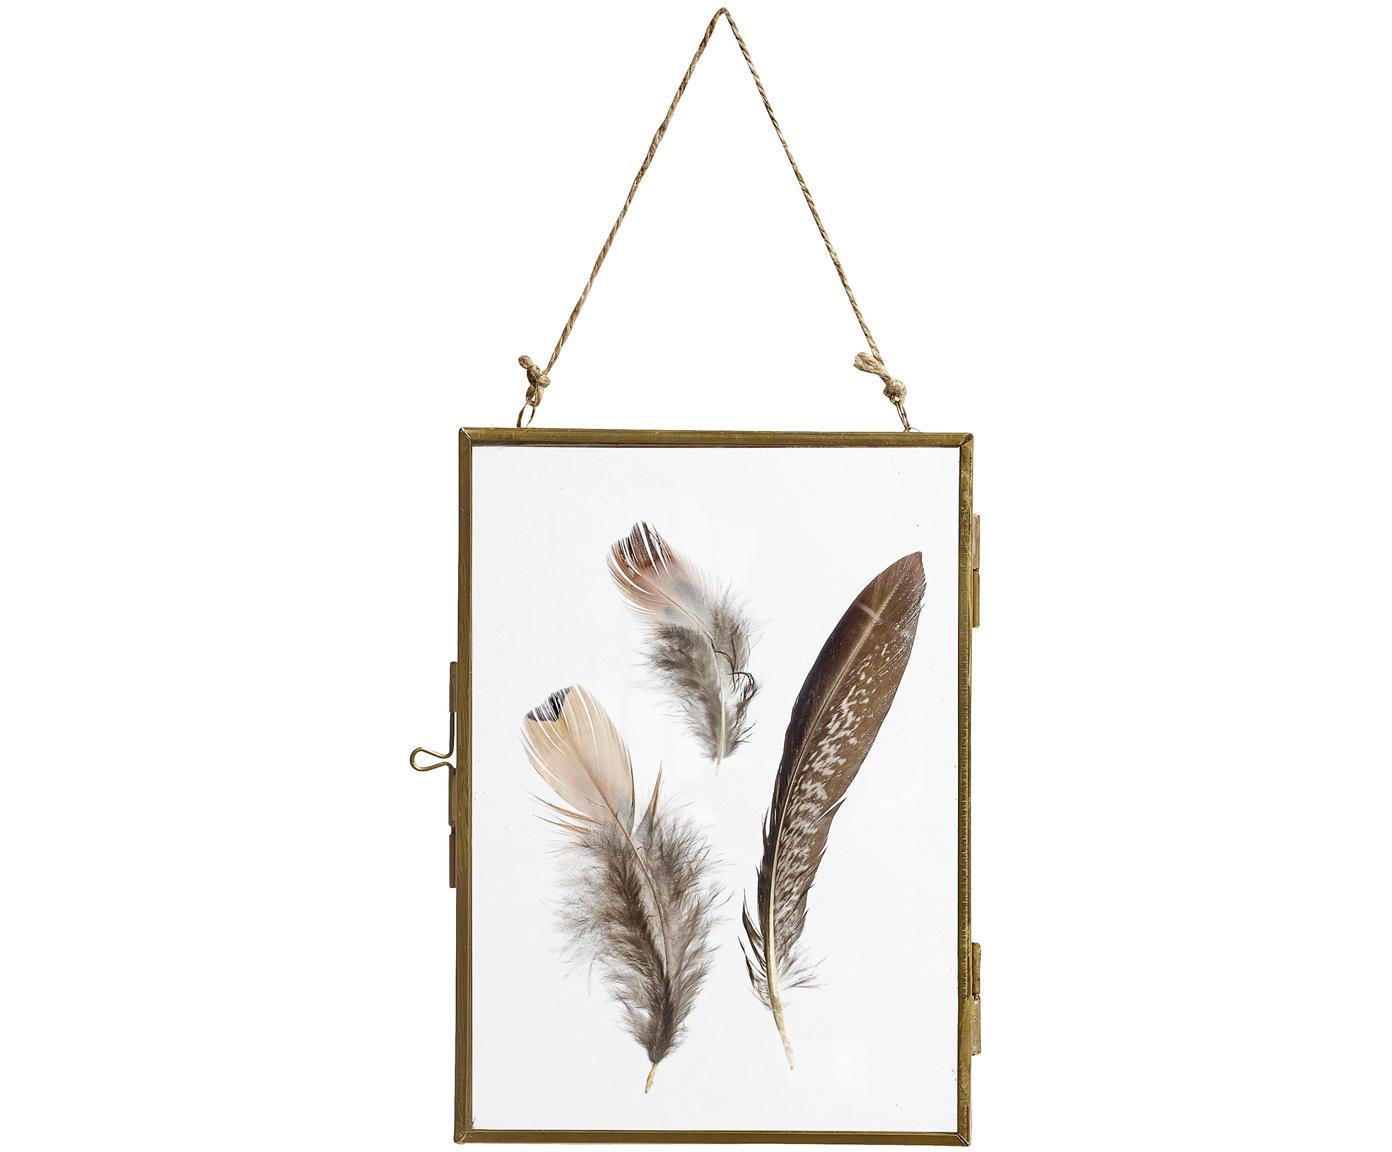 Bilderrahmen Pioros mit Federn, Rahmen: Metall, beschichtet, Front: Glas, Messingfarben, Transparent, 13 x 18 cm